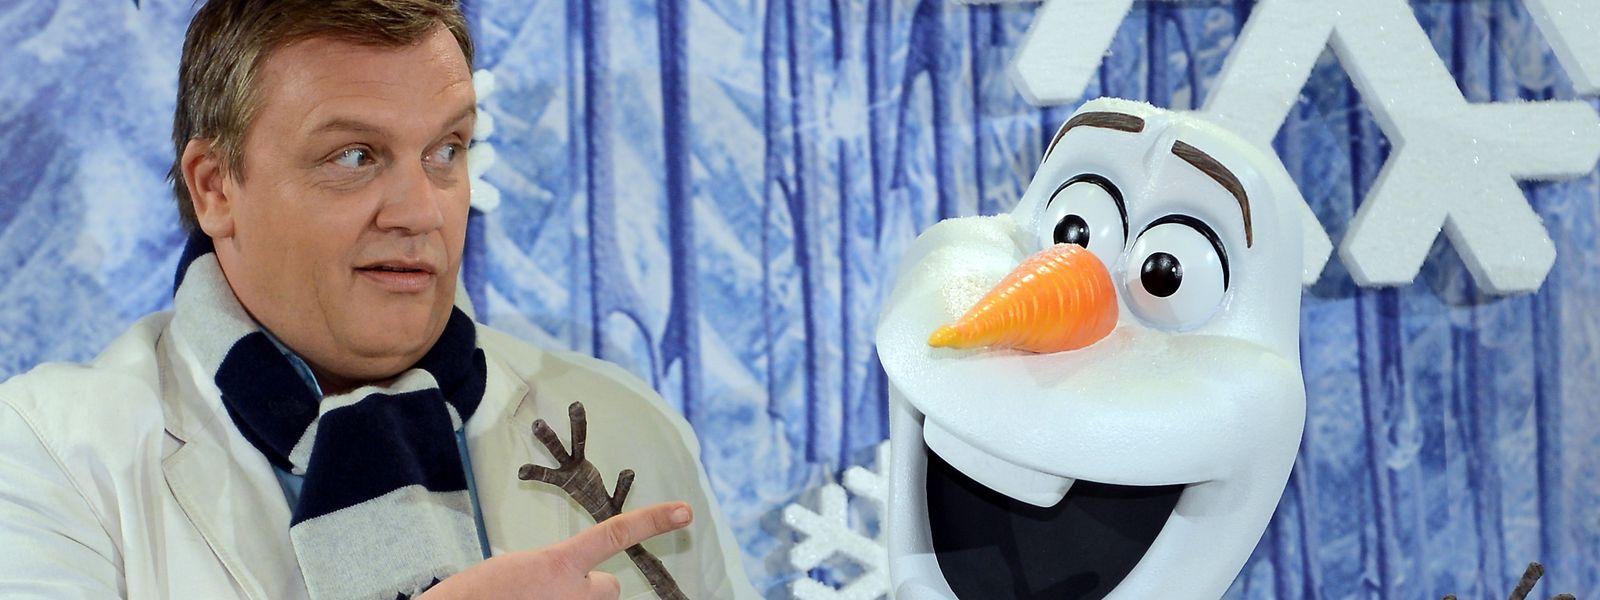 """Hape Kerkeling synchronisierte auch in der Fortsetzung des Disney-Films """"Frozen"""" den witzigen Schneemann Olaf – zumindest in der deutschen Fassung."""